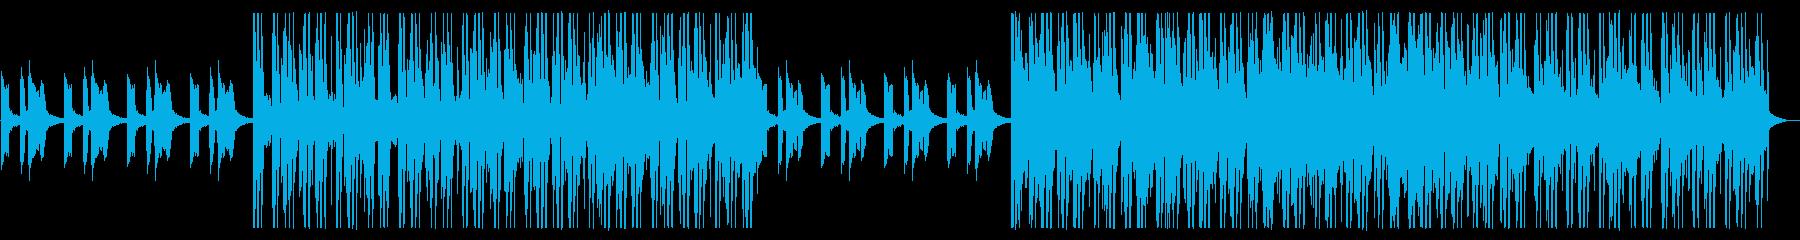 都会/爽やか/R&B_No466_1の再生済みの波形